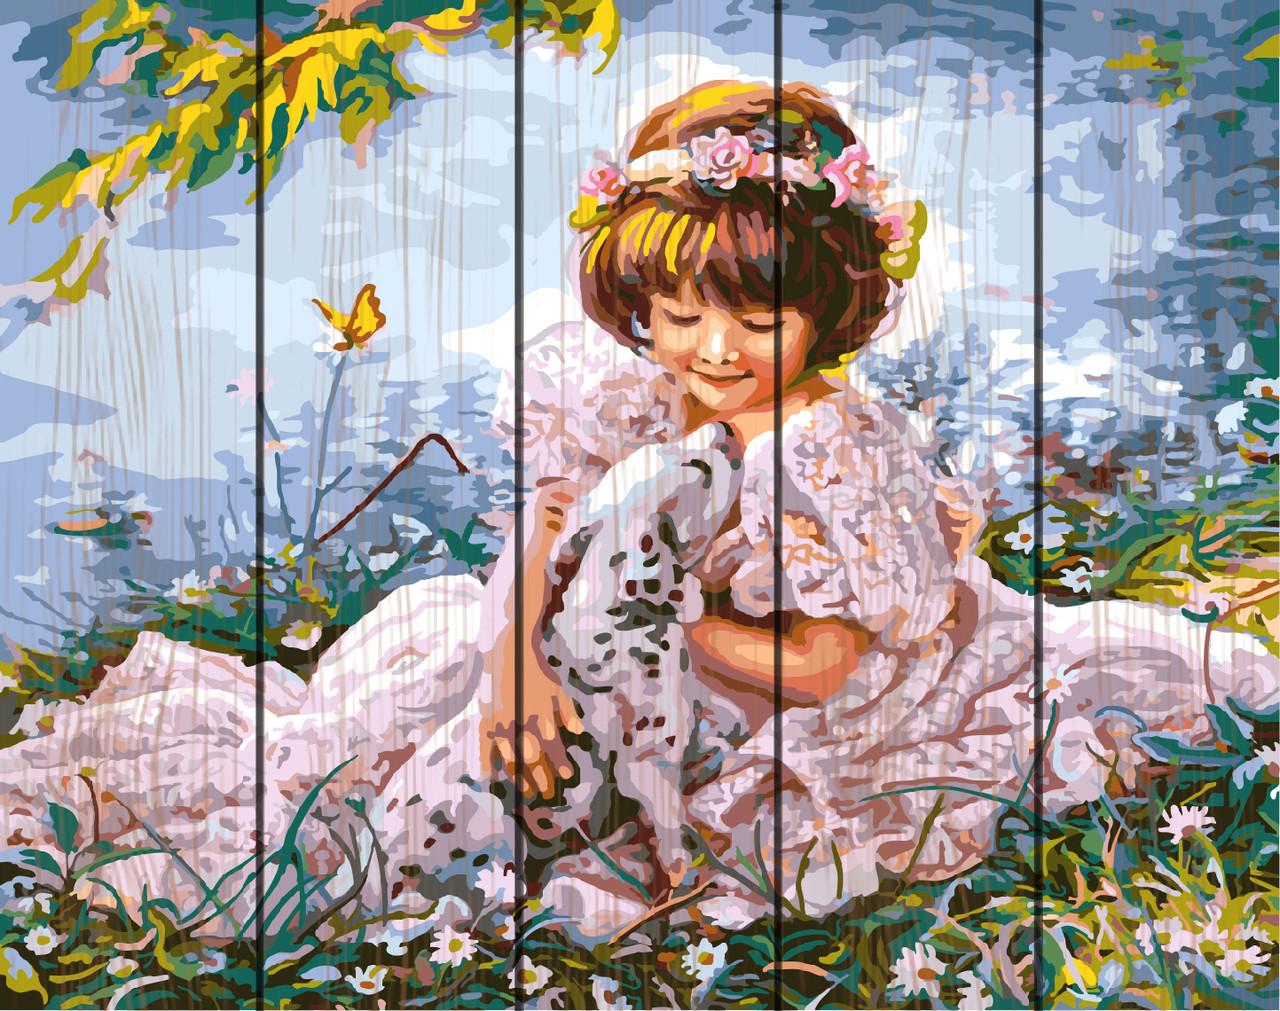 PREMIUM Картина по номерам на дереве 40х50 см. Девочка с долматинцем Rainbow Art